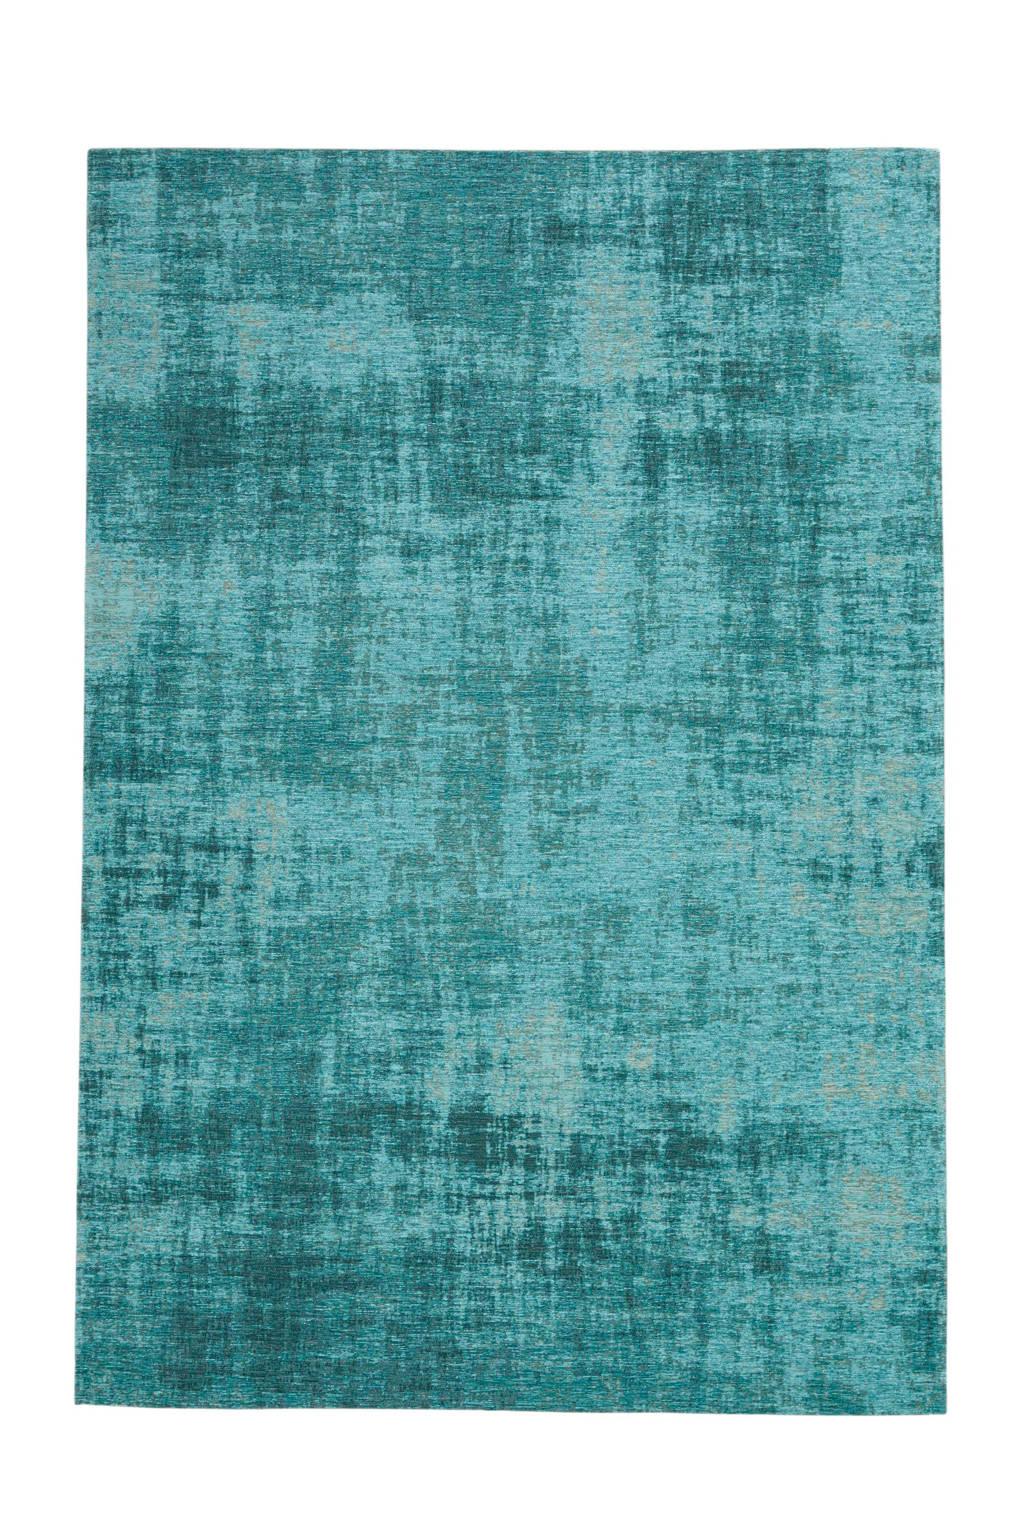 Vloerkleed  (230x155 cm), Blauw gemeleerd